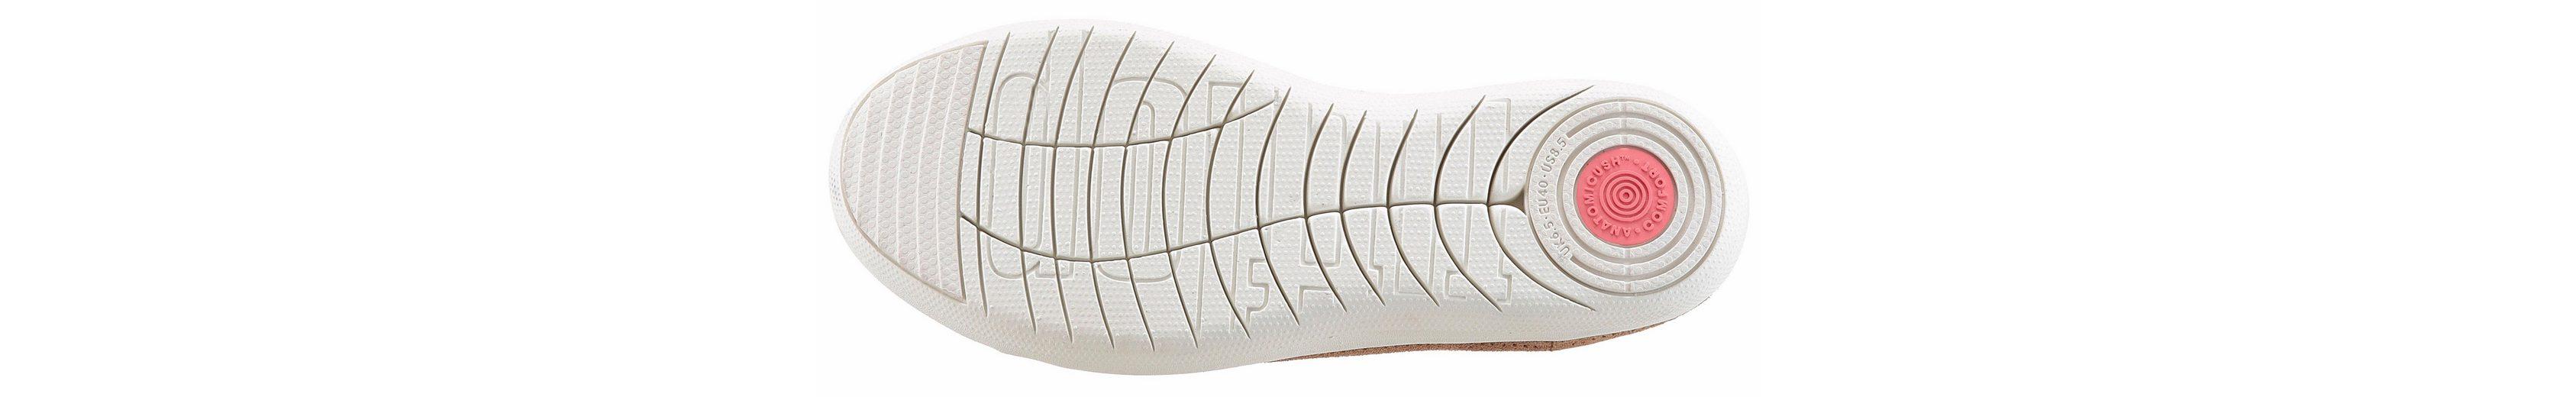 Fitflop F-Sporty Laceup Sneaker Schnürschuh, mit Stretcheinsatz